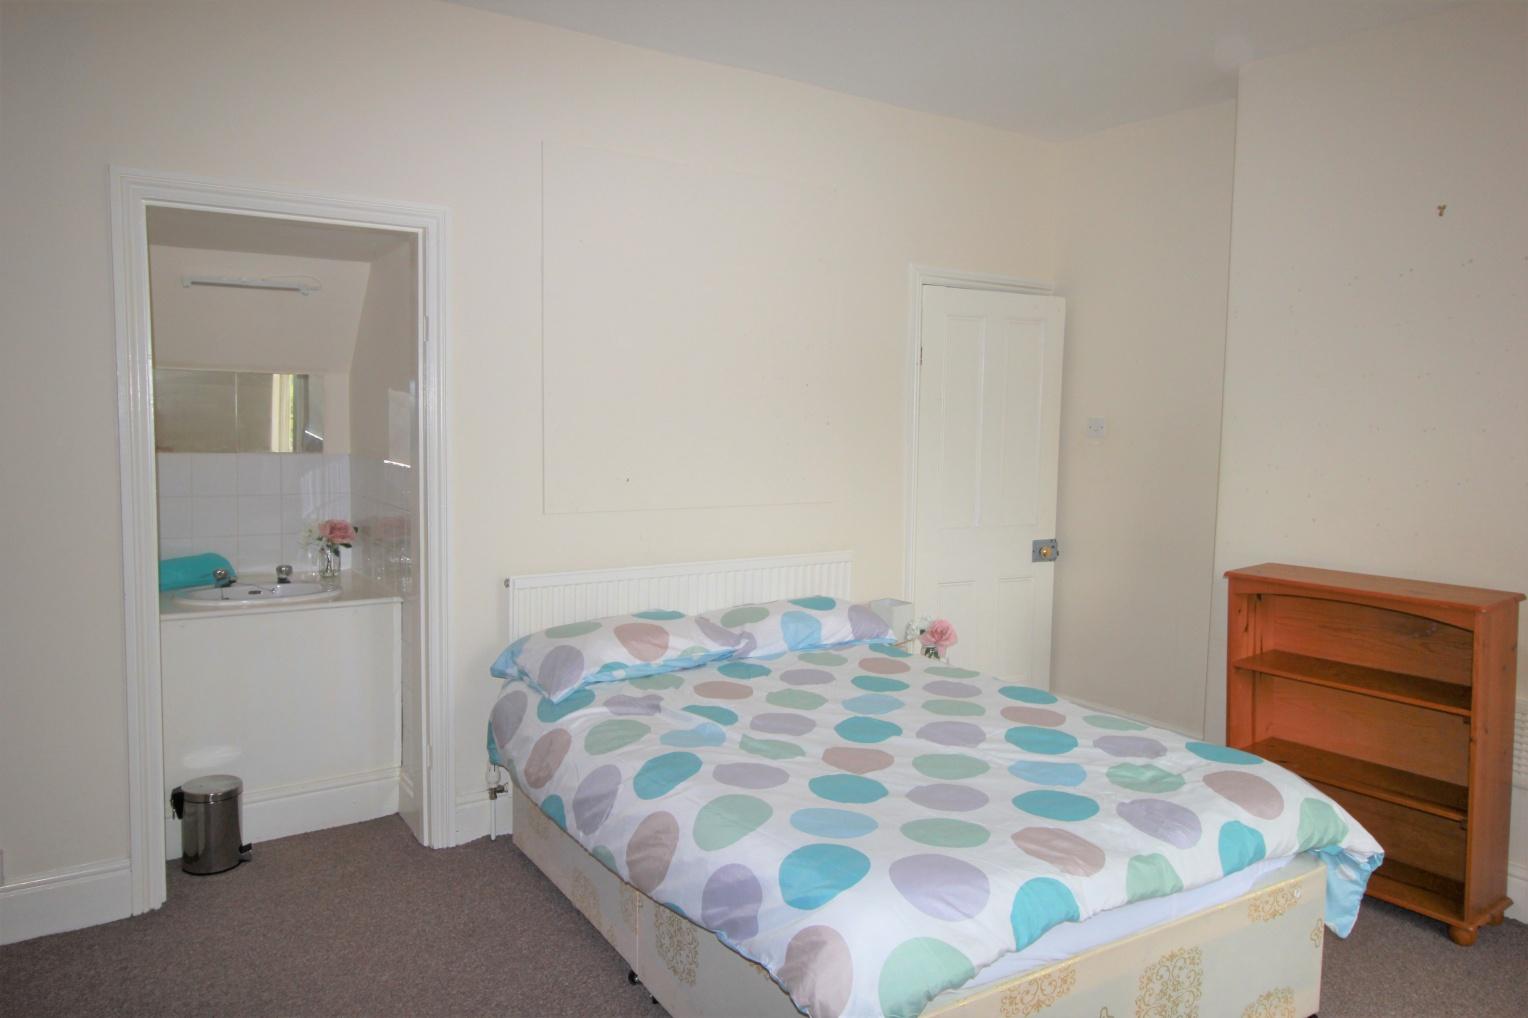 37 Clementson Road, Crookesmoor, S10 1GS